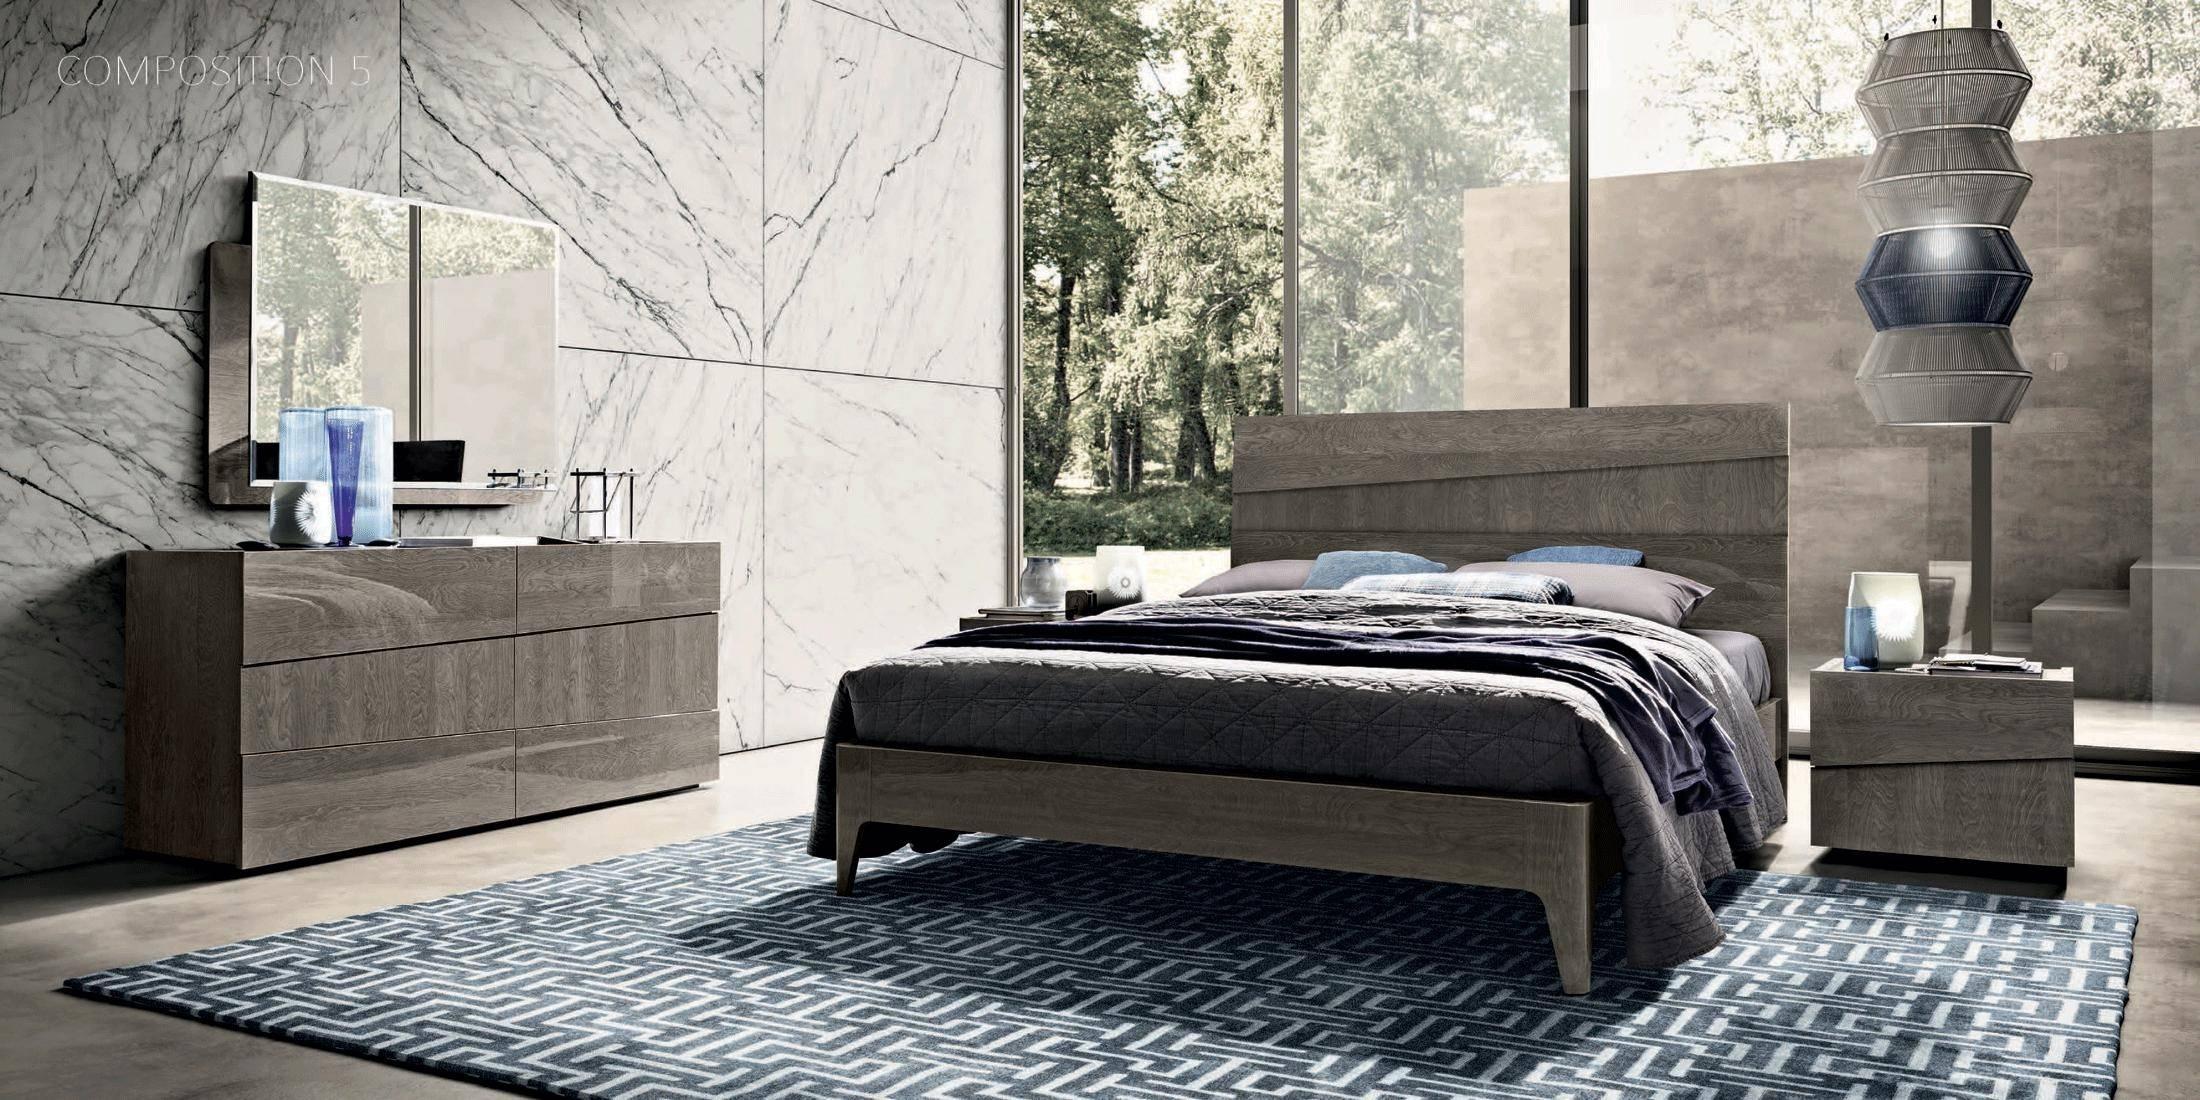 esf tekno king platform bedroom set 5 pcs in gray wood fabric veneers